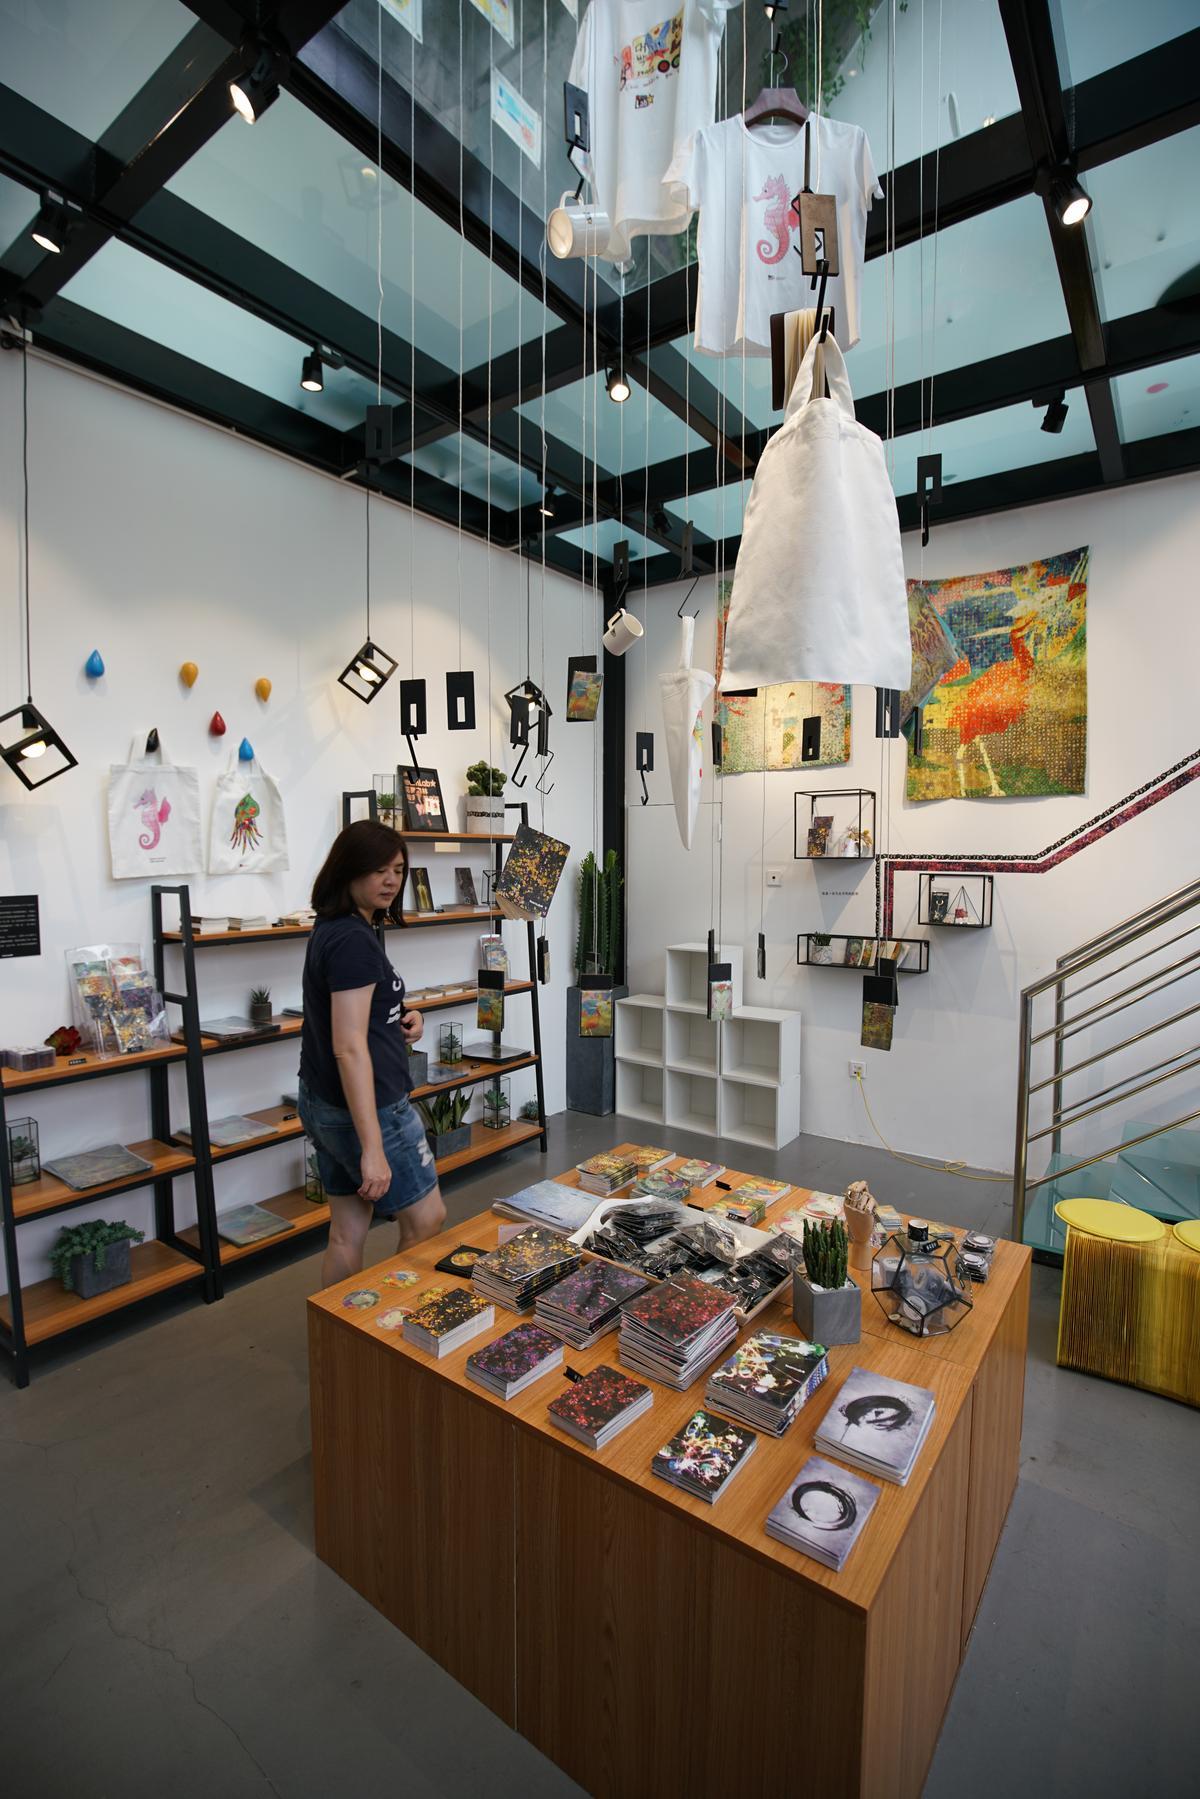 走出展覽空間,有一個小商店販售相關紀念品。